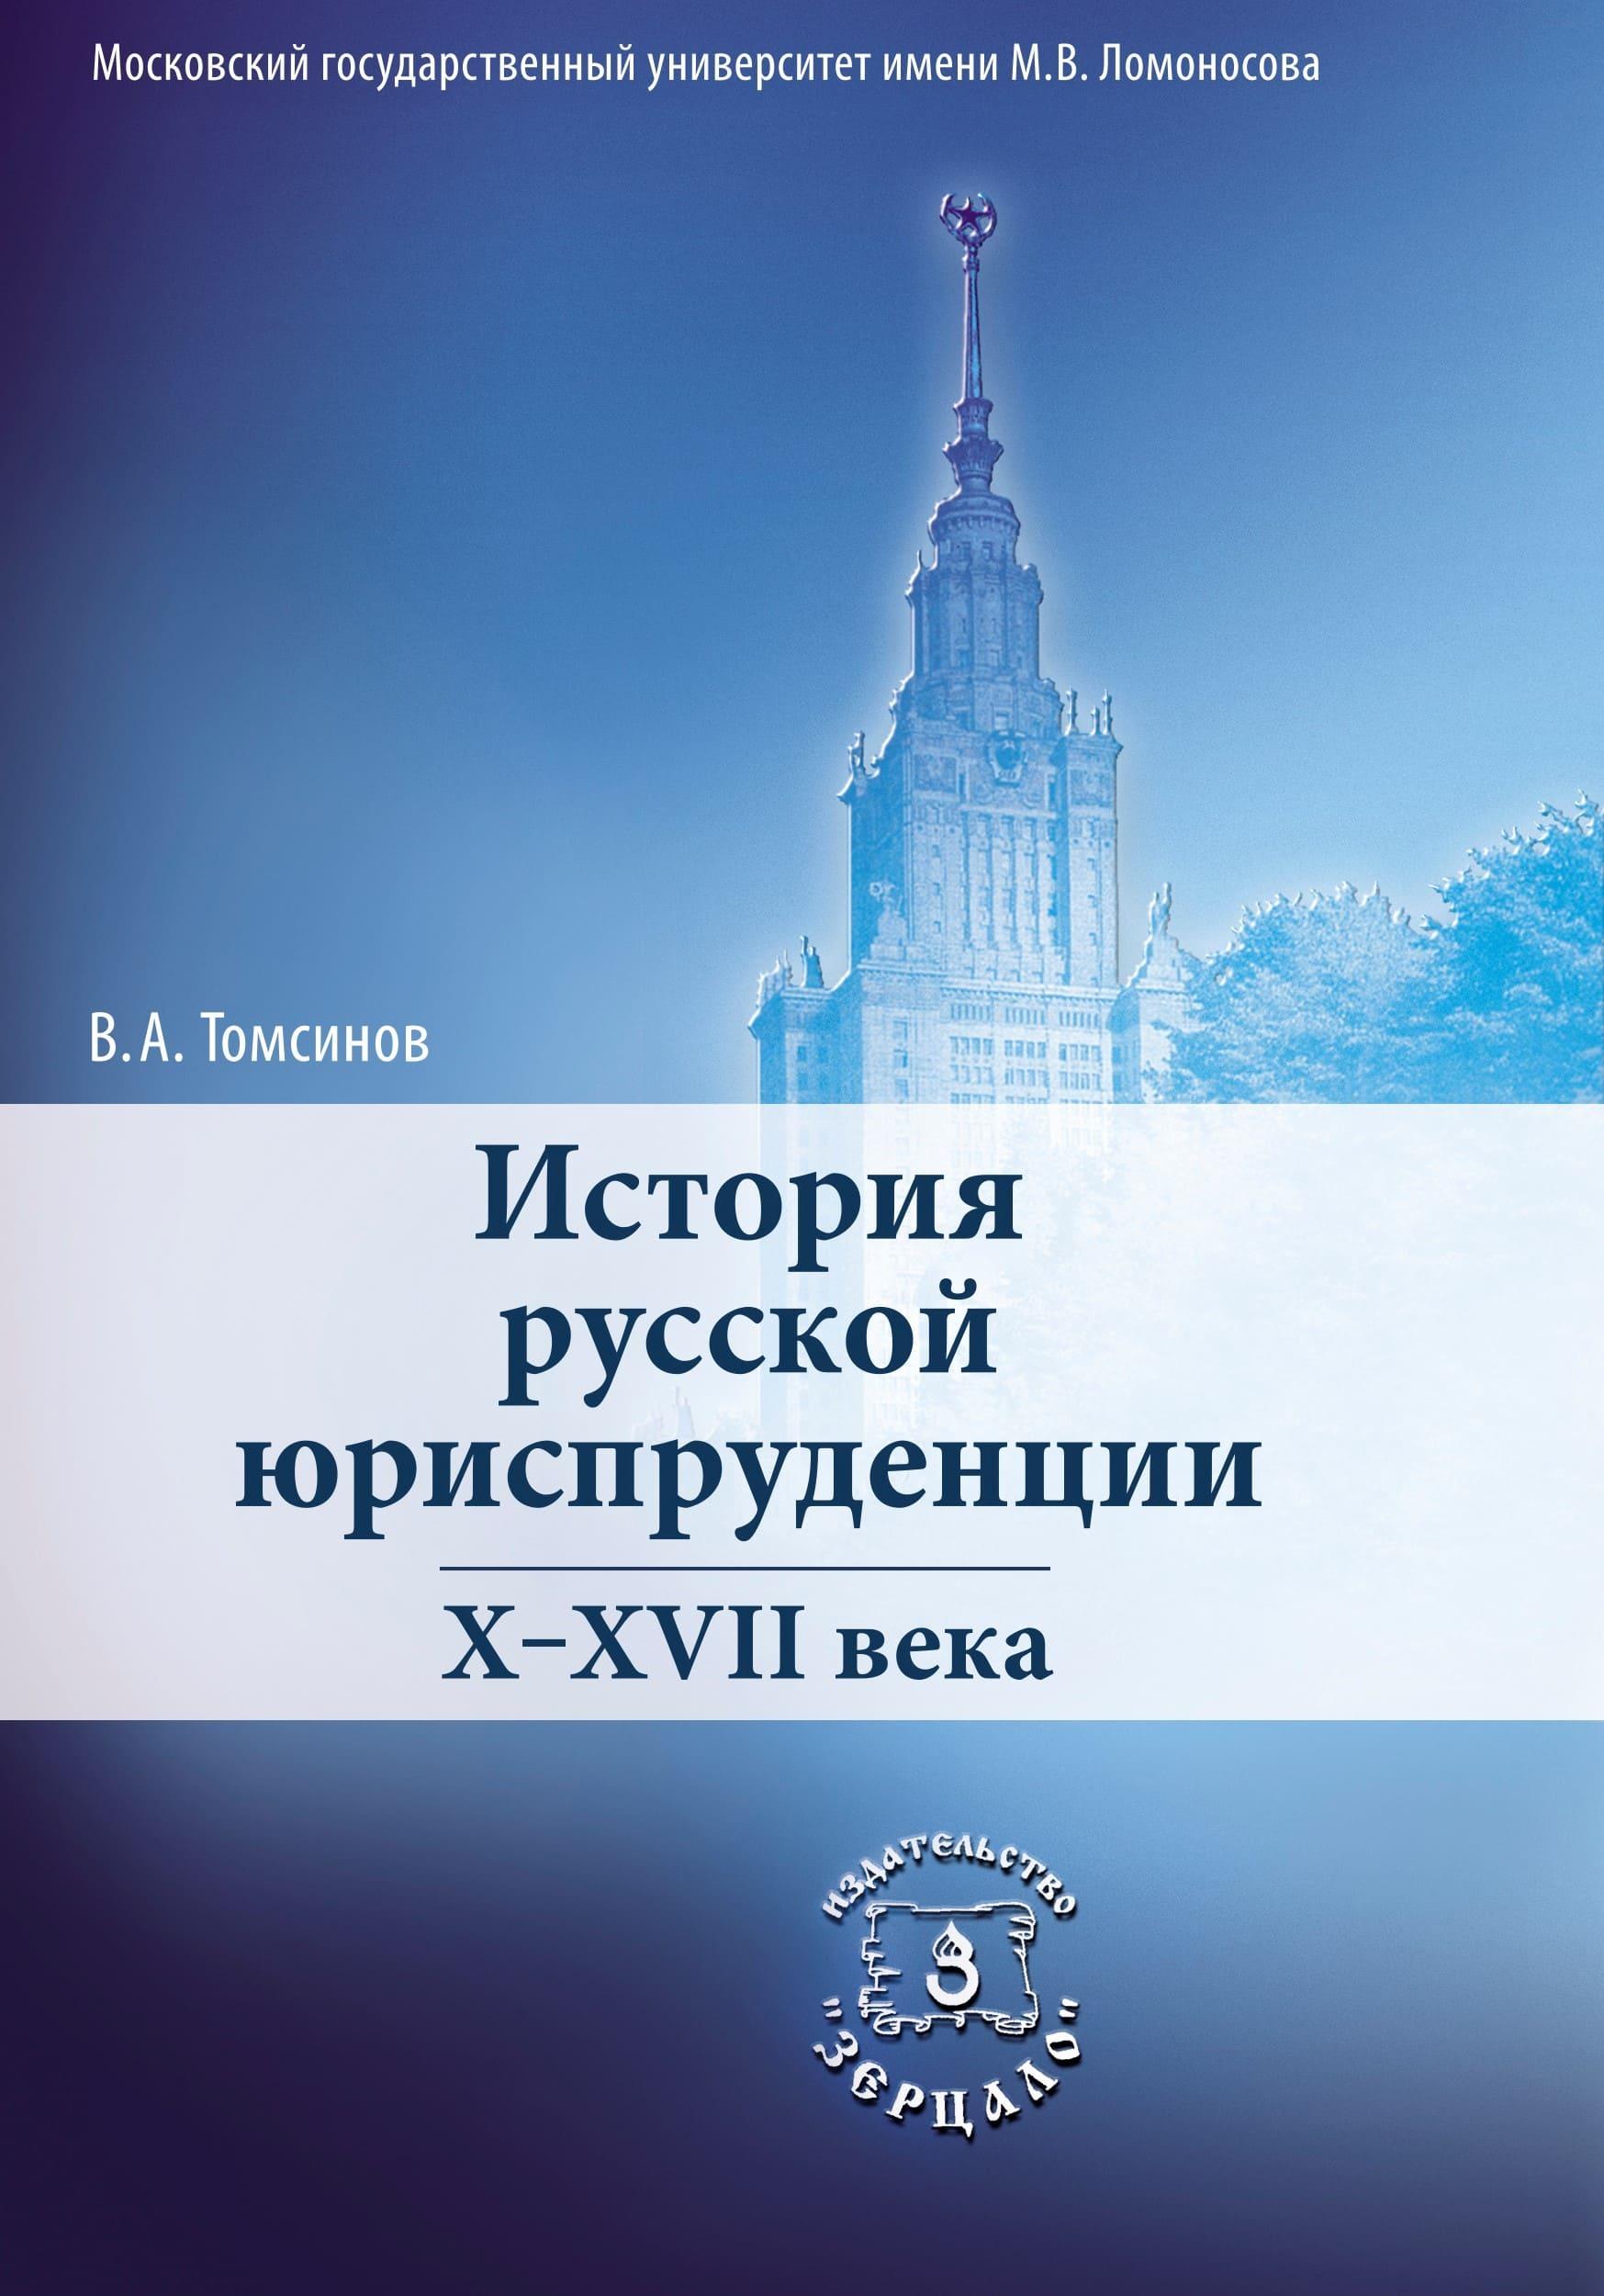 История русской юриспруденции X–XVII веков (предисловие)